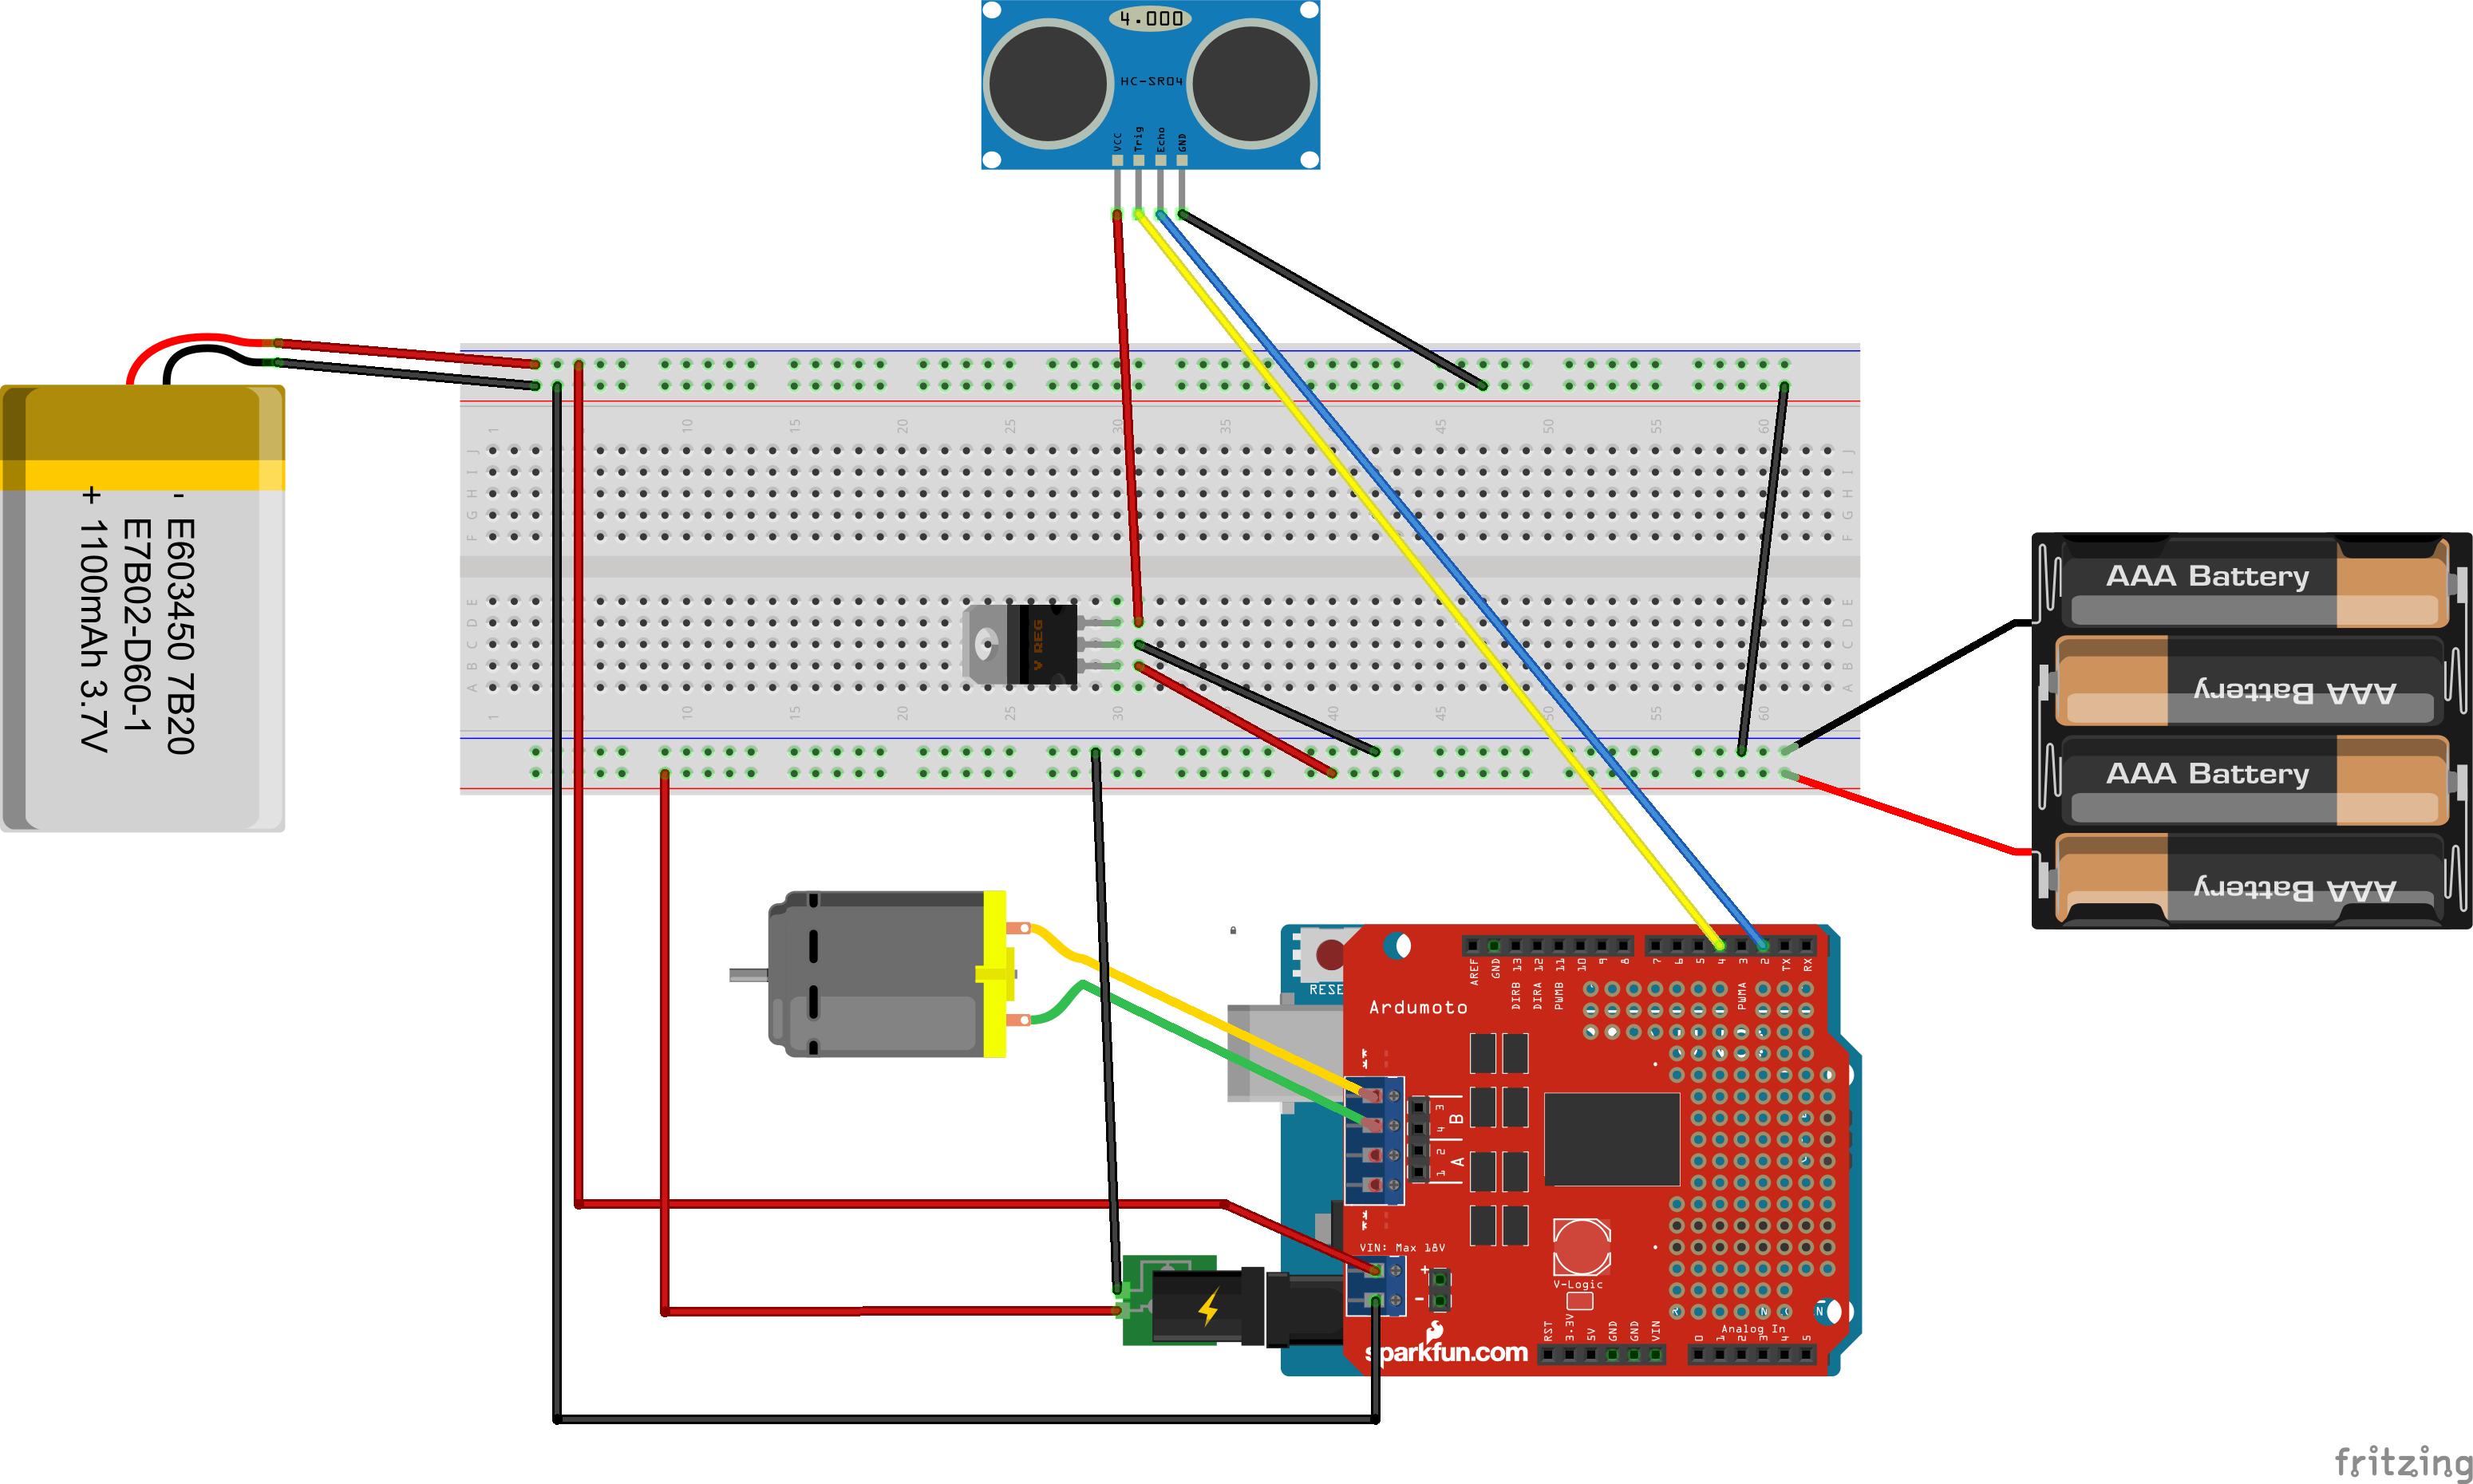 Figura 1.4.1: Schema circuitale del rilevatore sonar.